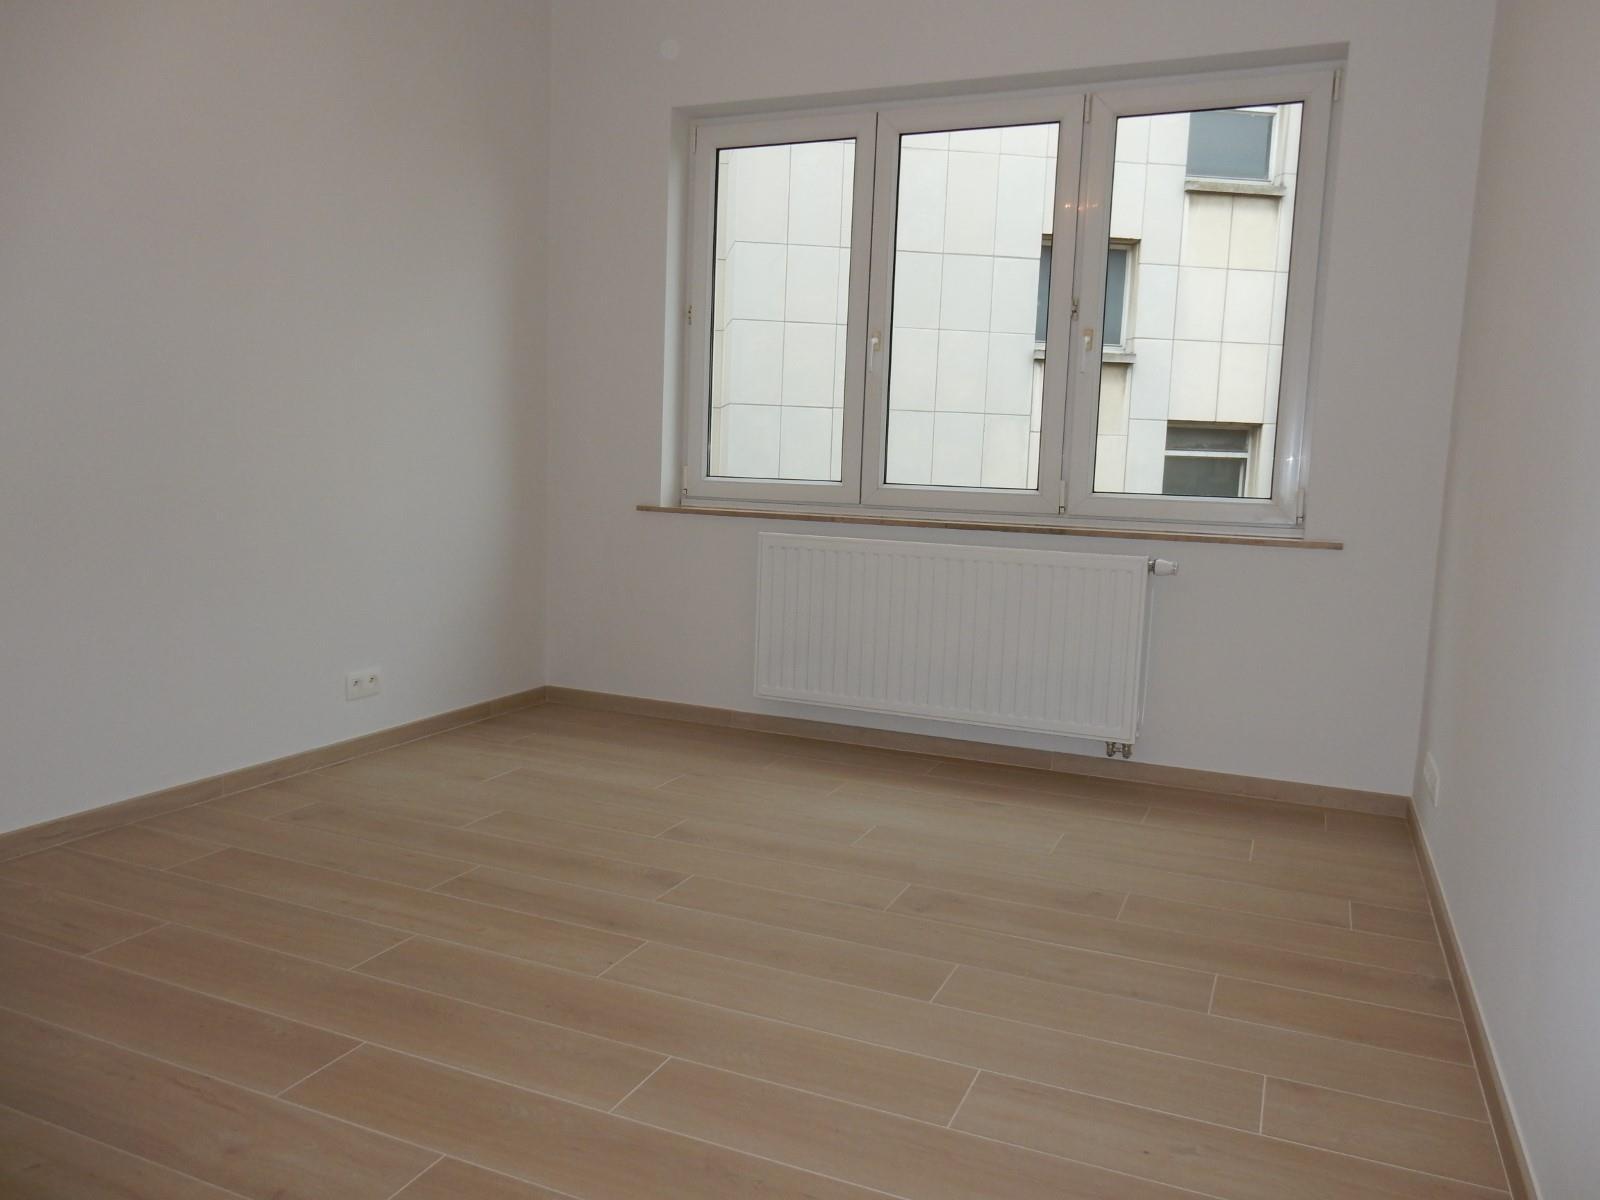 Flat - Schaerbeek - #4199444-8